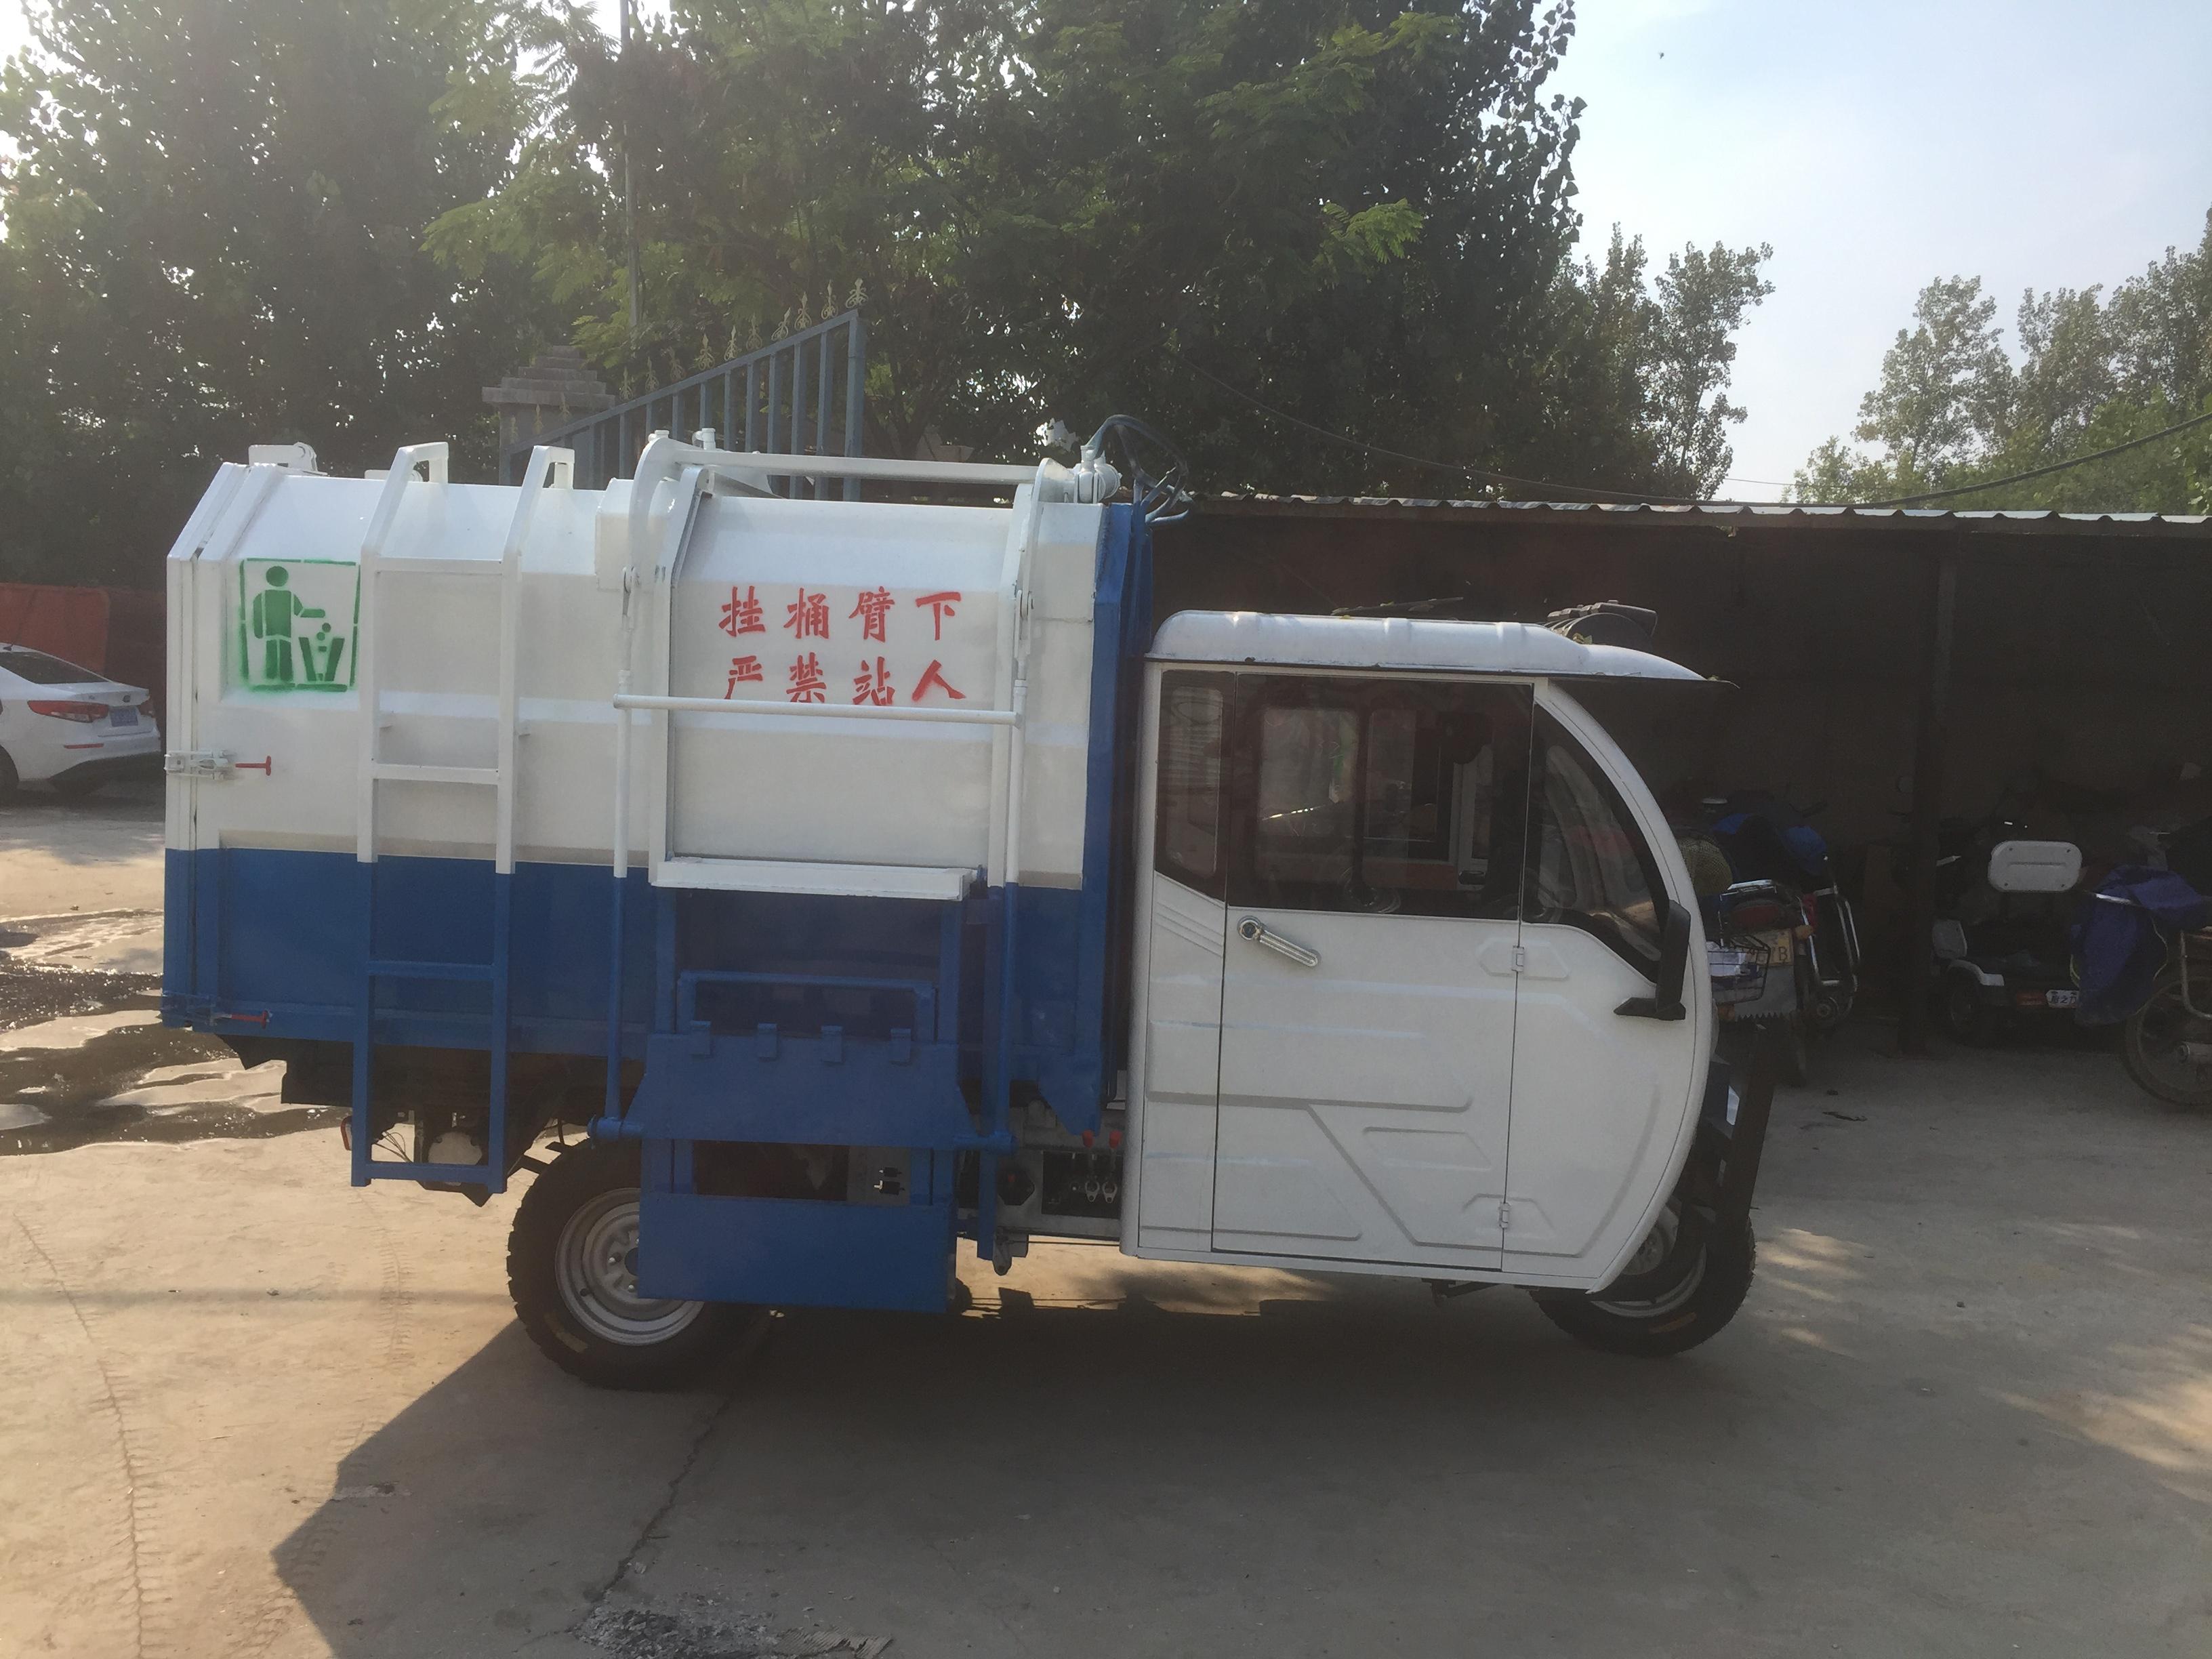 新能源三轮垃圾车电动三轮保洁车电动环卫车垃圾清运车小区物业学校医院卫生清洁车